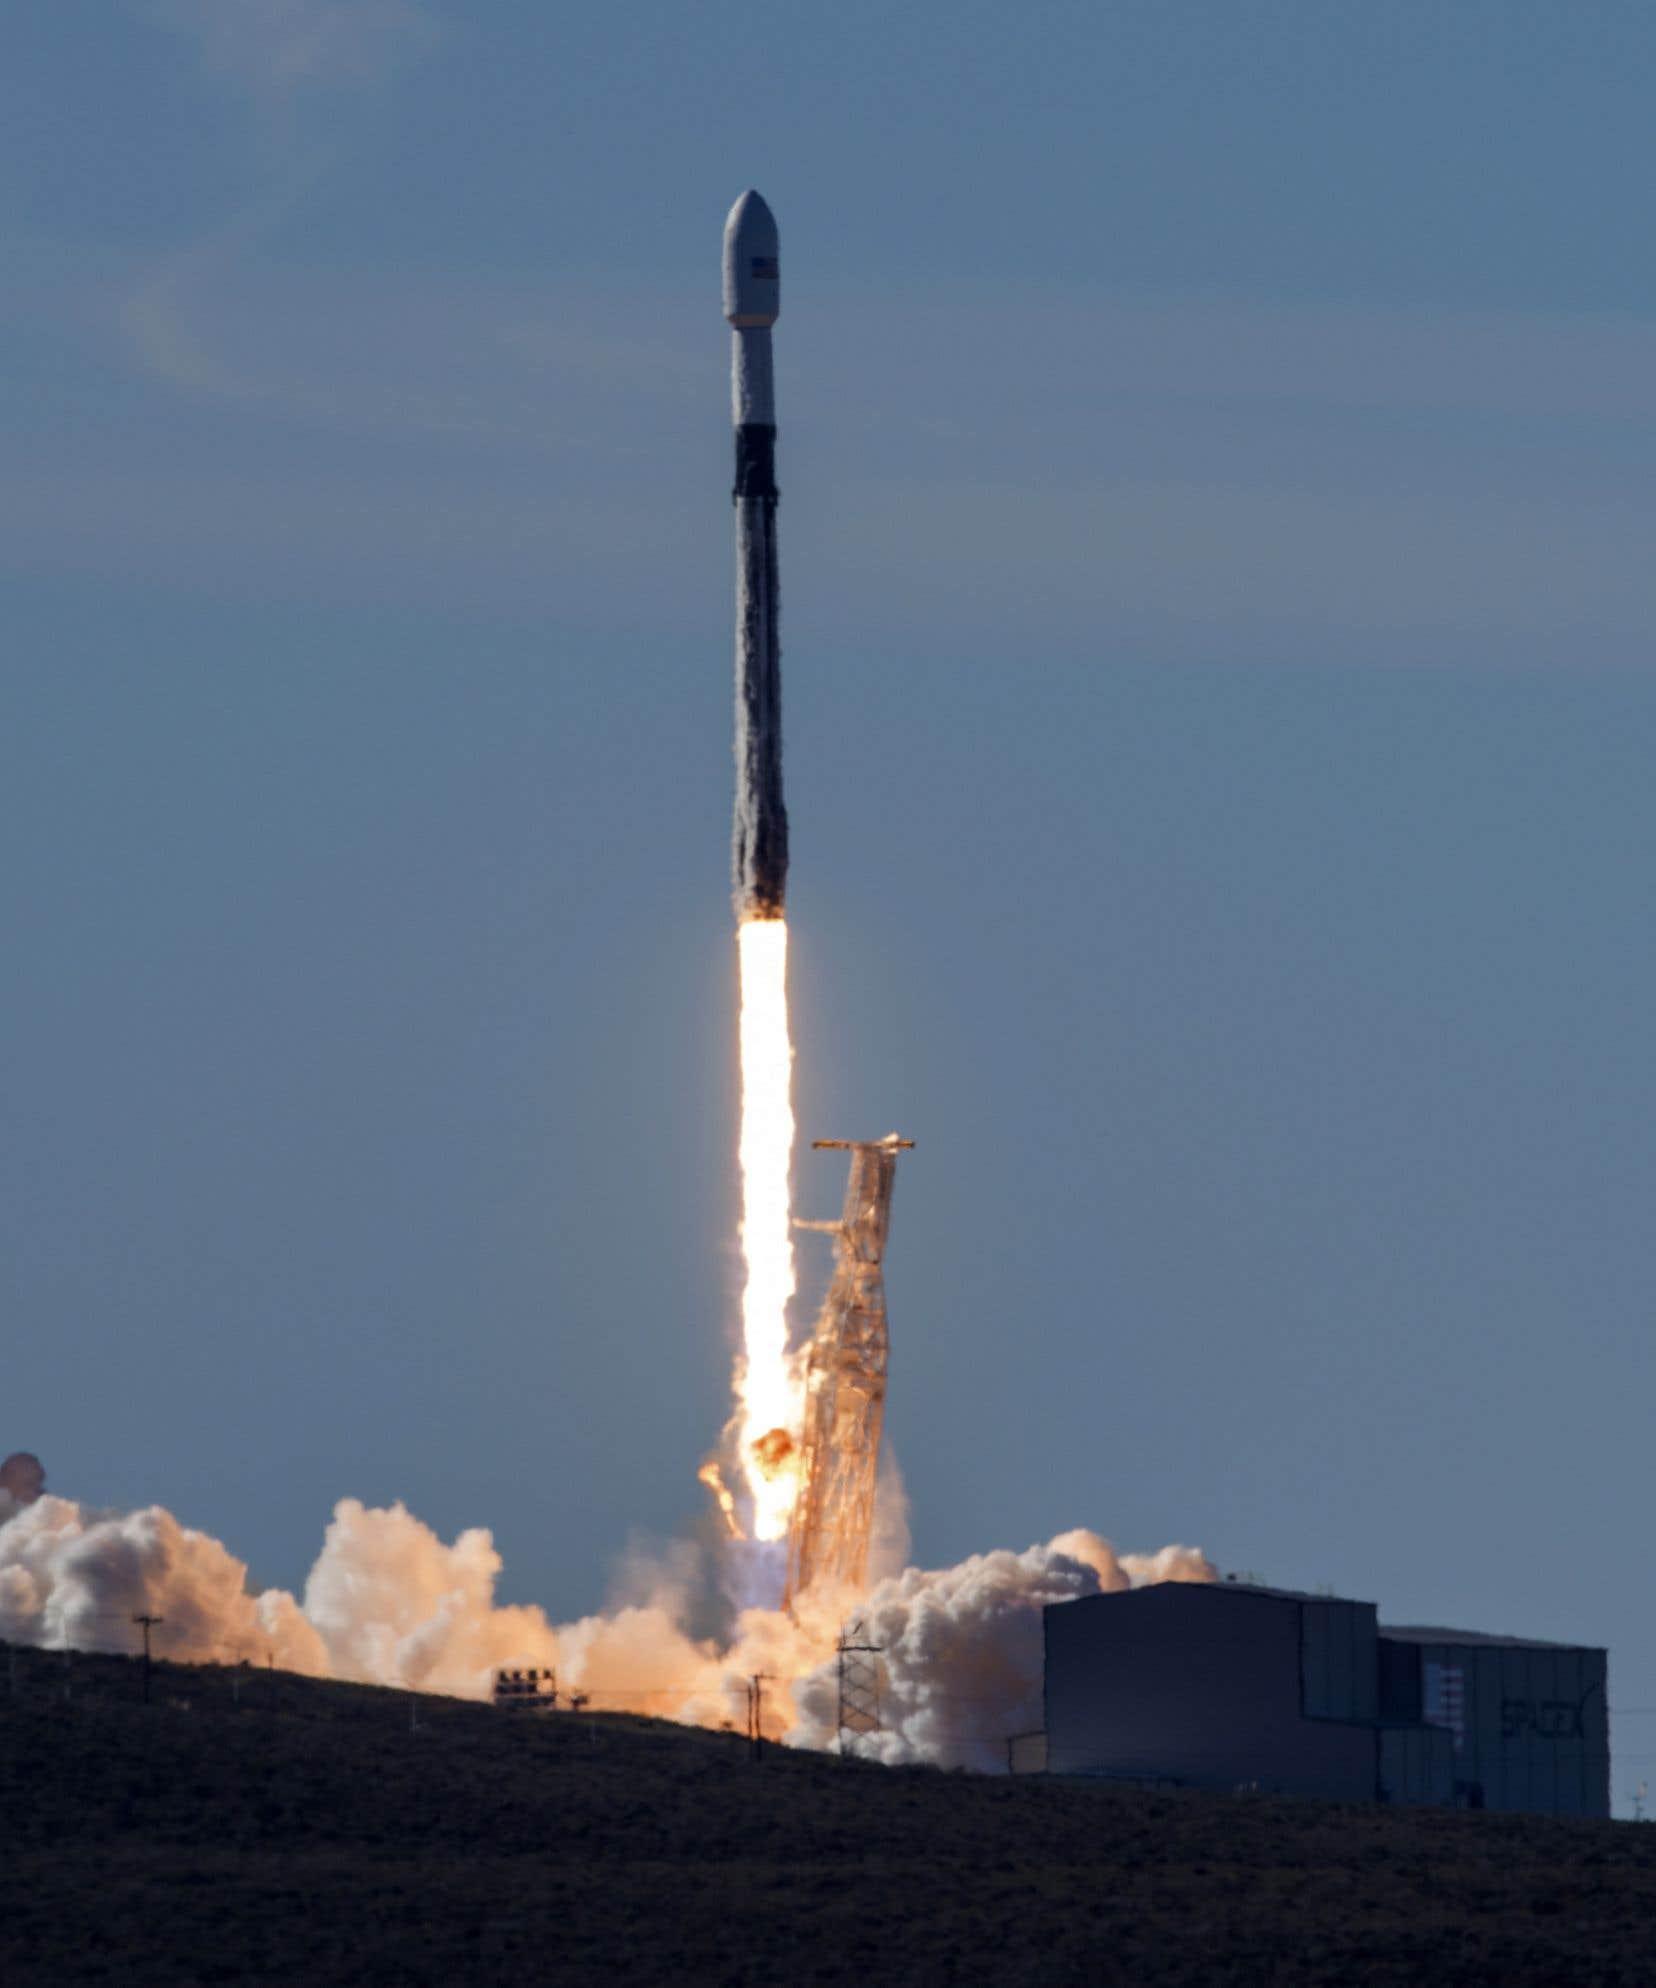 Le but de la nouvelle agence sera de superviser et d'organiser les activités spatiales de l'armée.